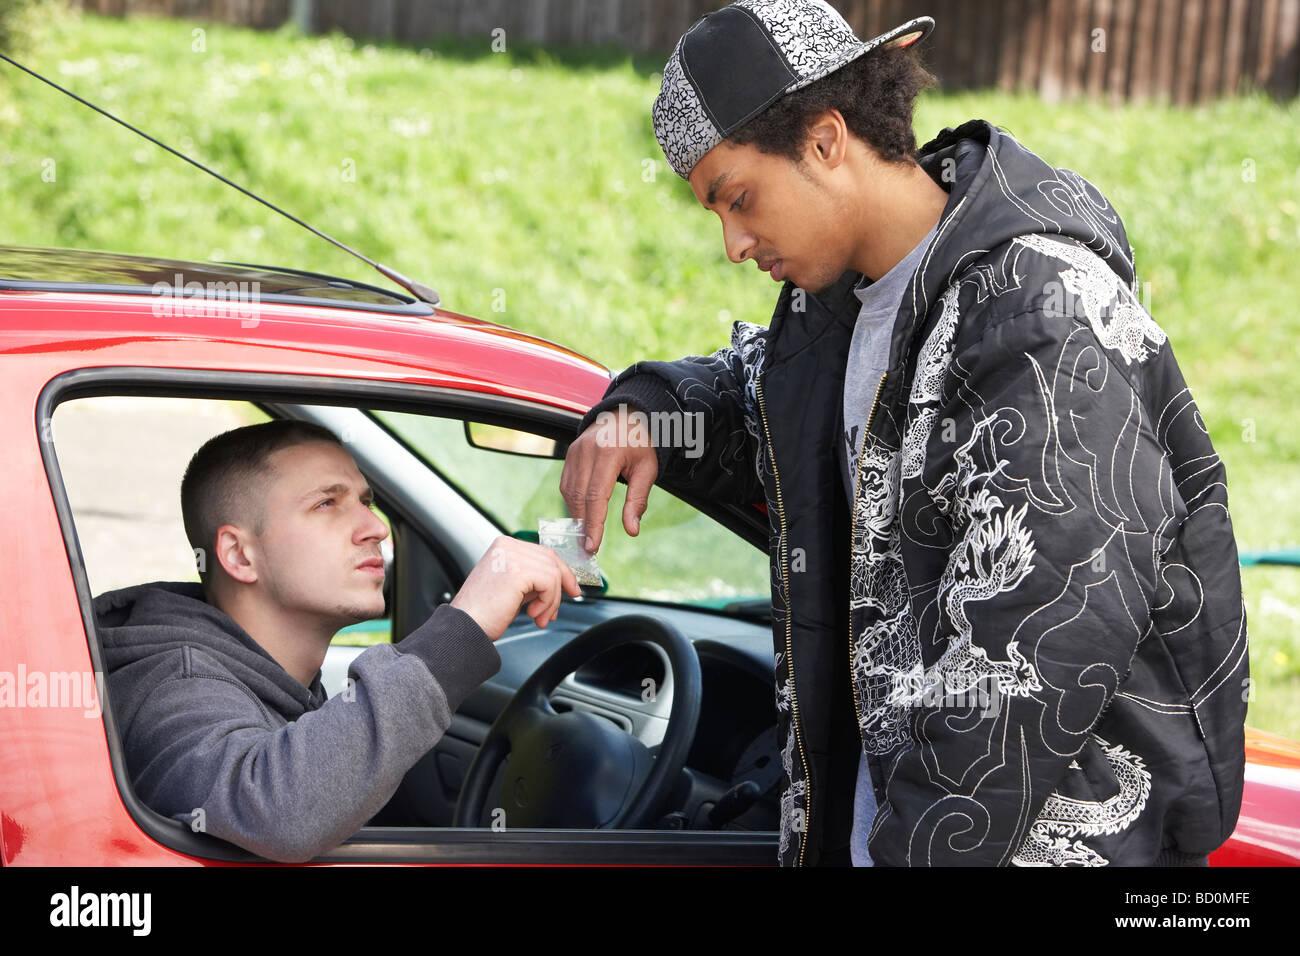 Junger Mann aus Auto Drogen zu tun Stockbild